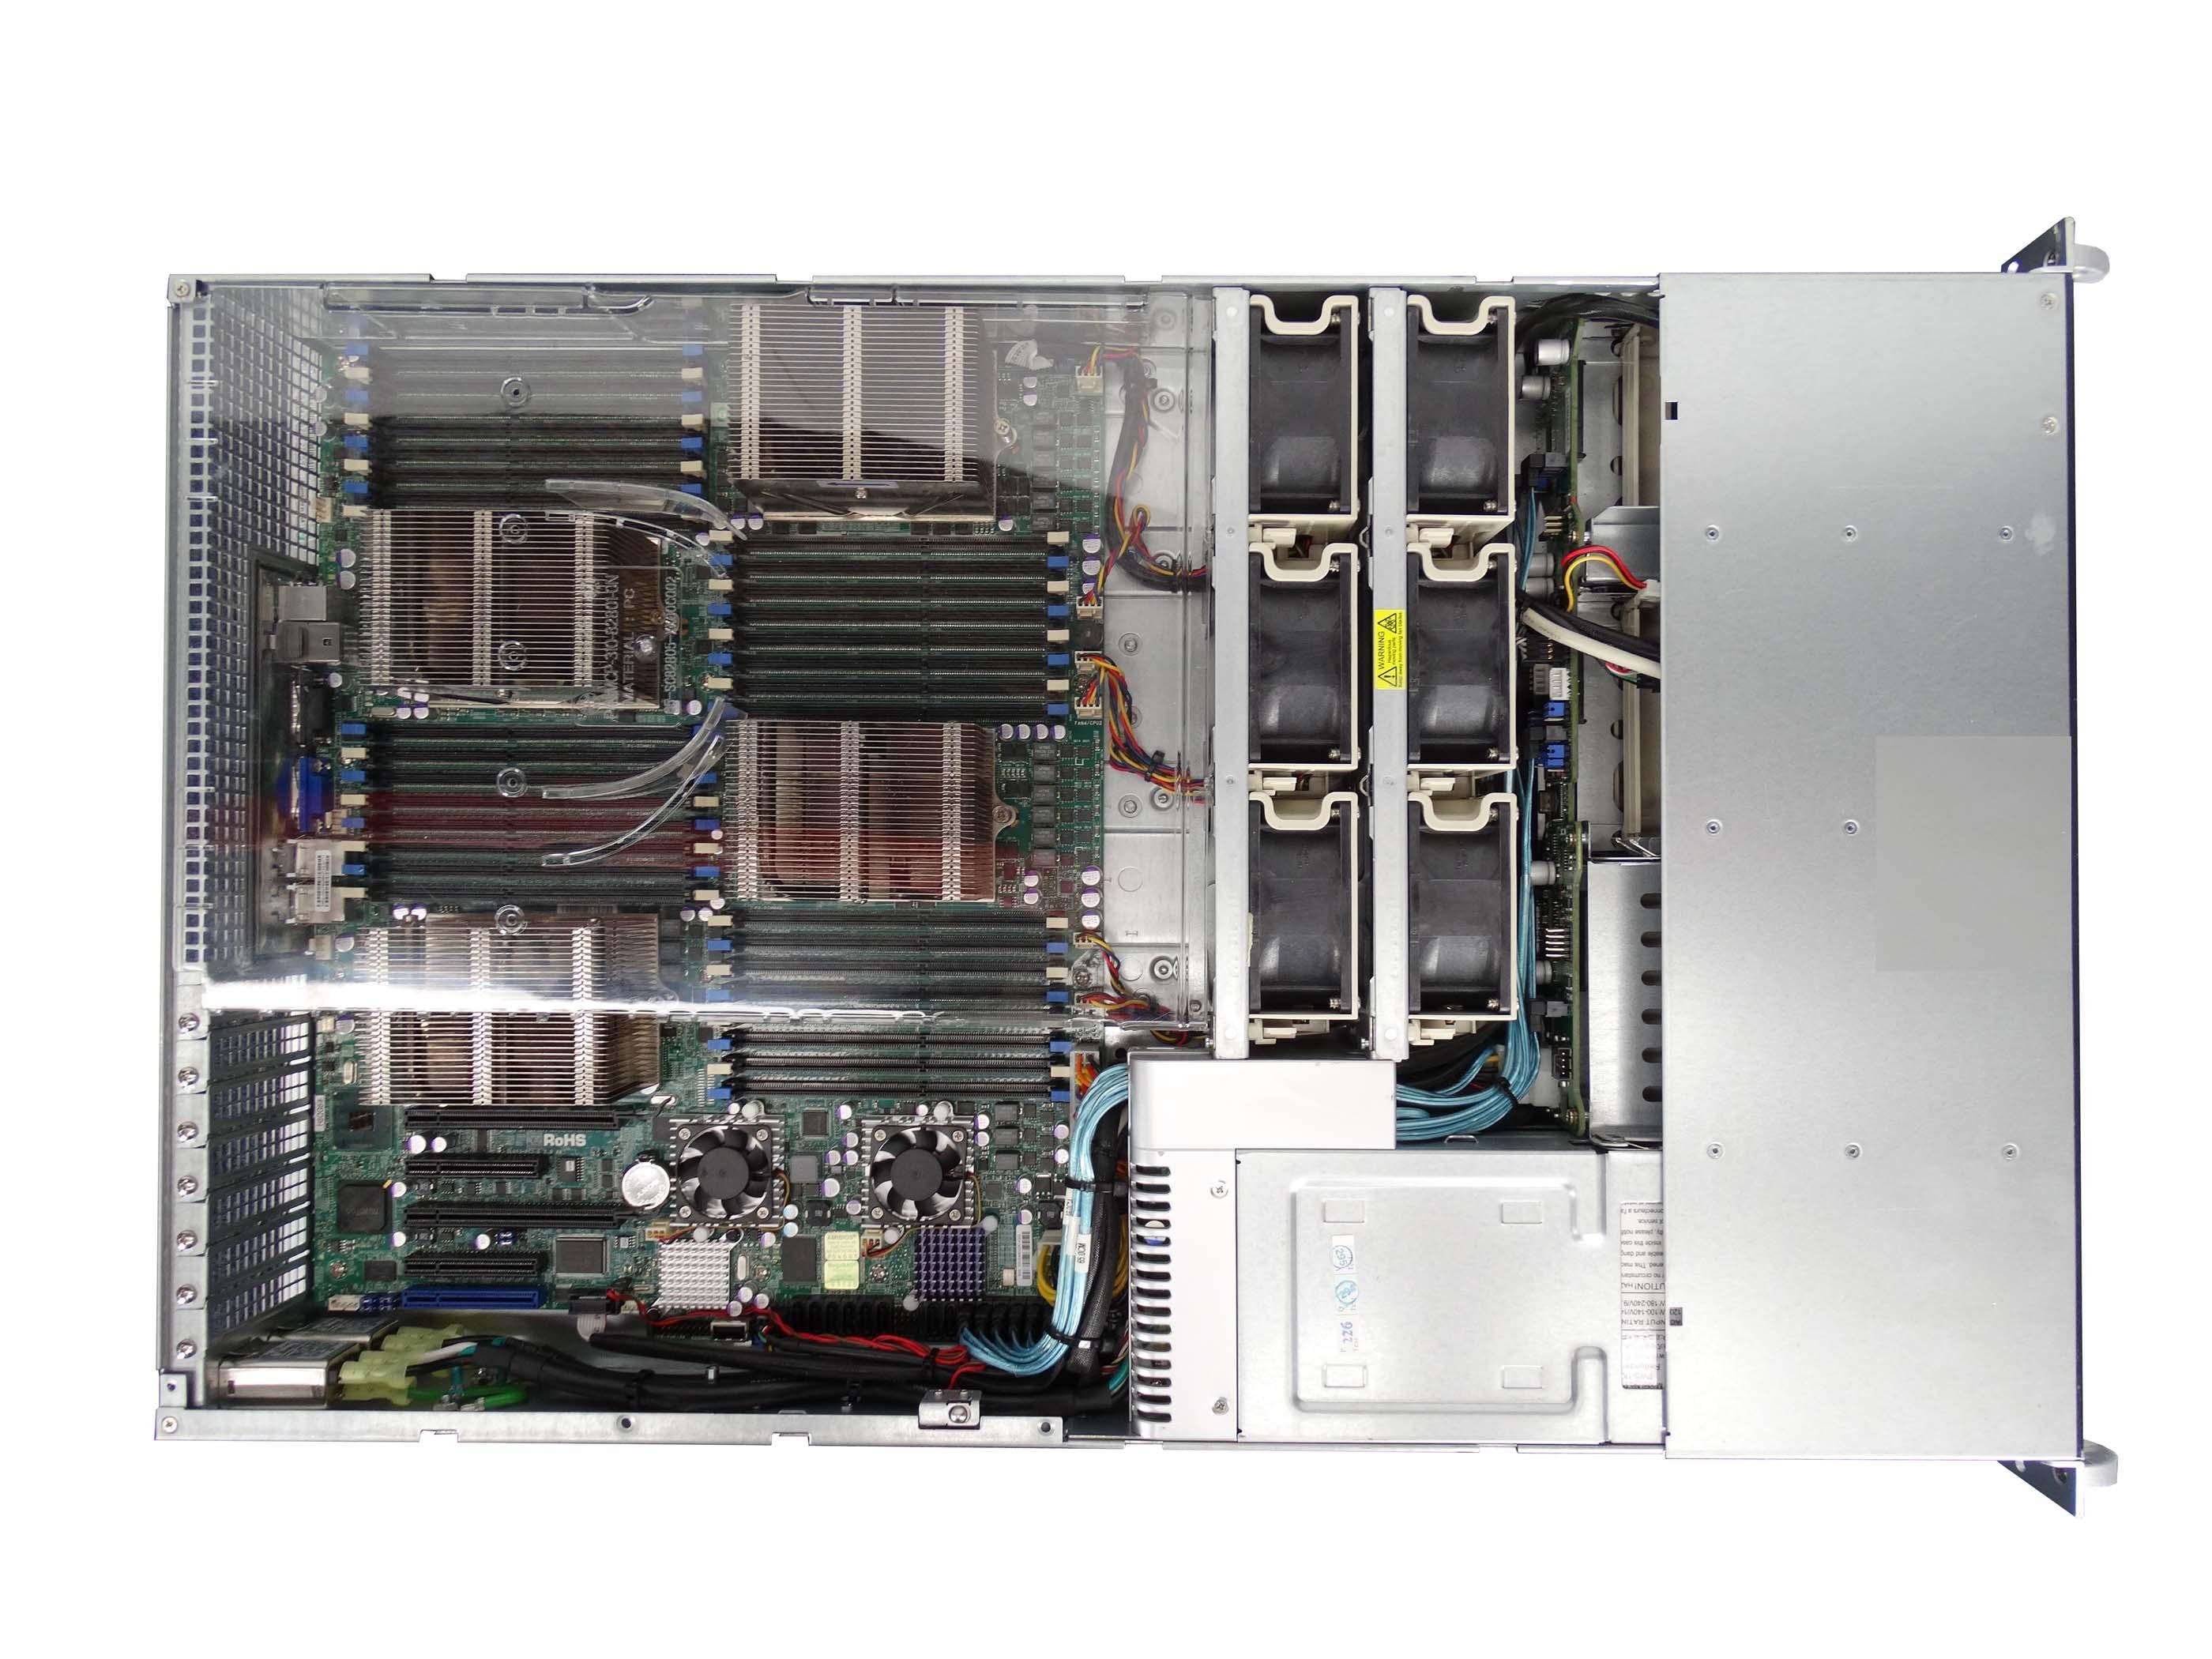 Supermicro-828TQ-R1K43LPB-W-H8QG6-F-4x-AMD-6128-48GB-6x-Trays-Rails thumbnail 2